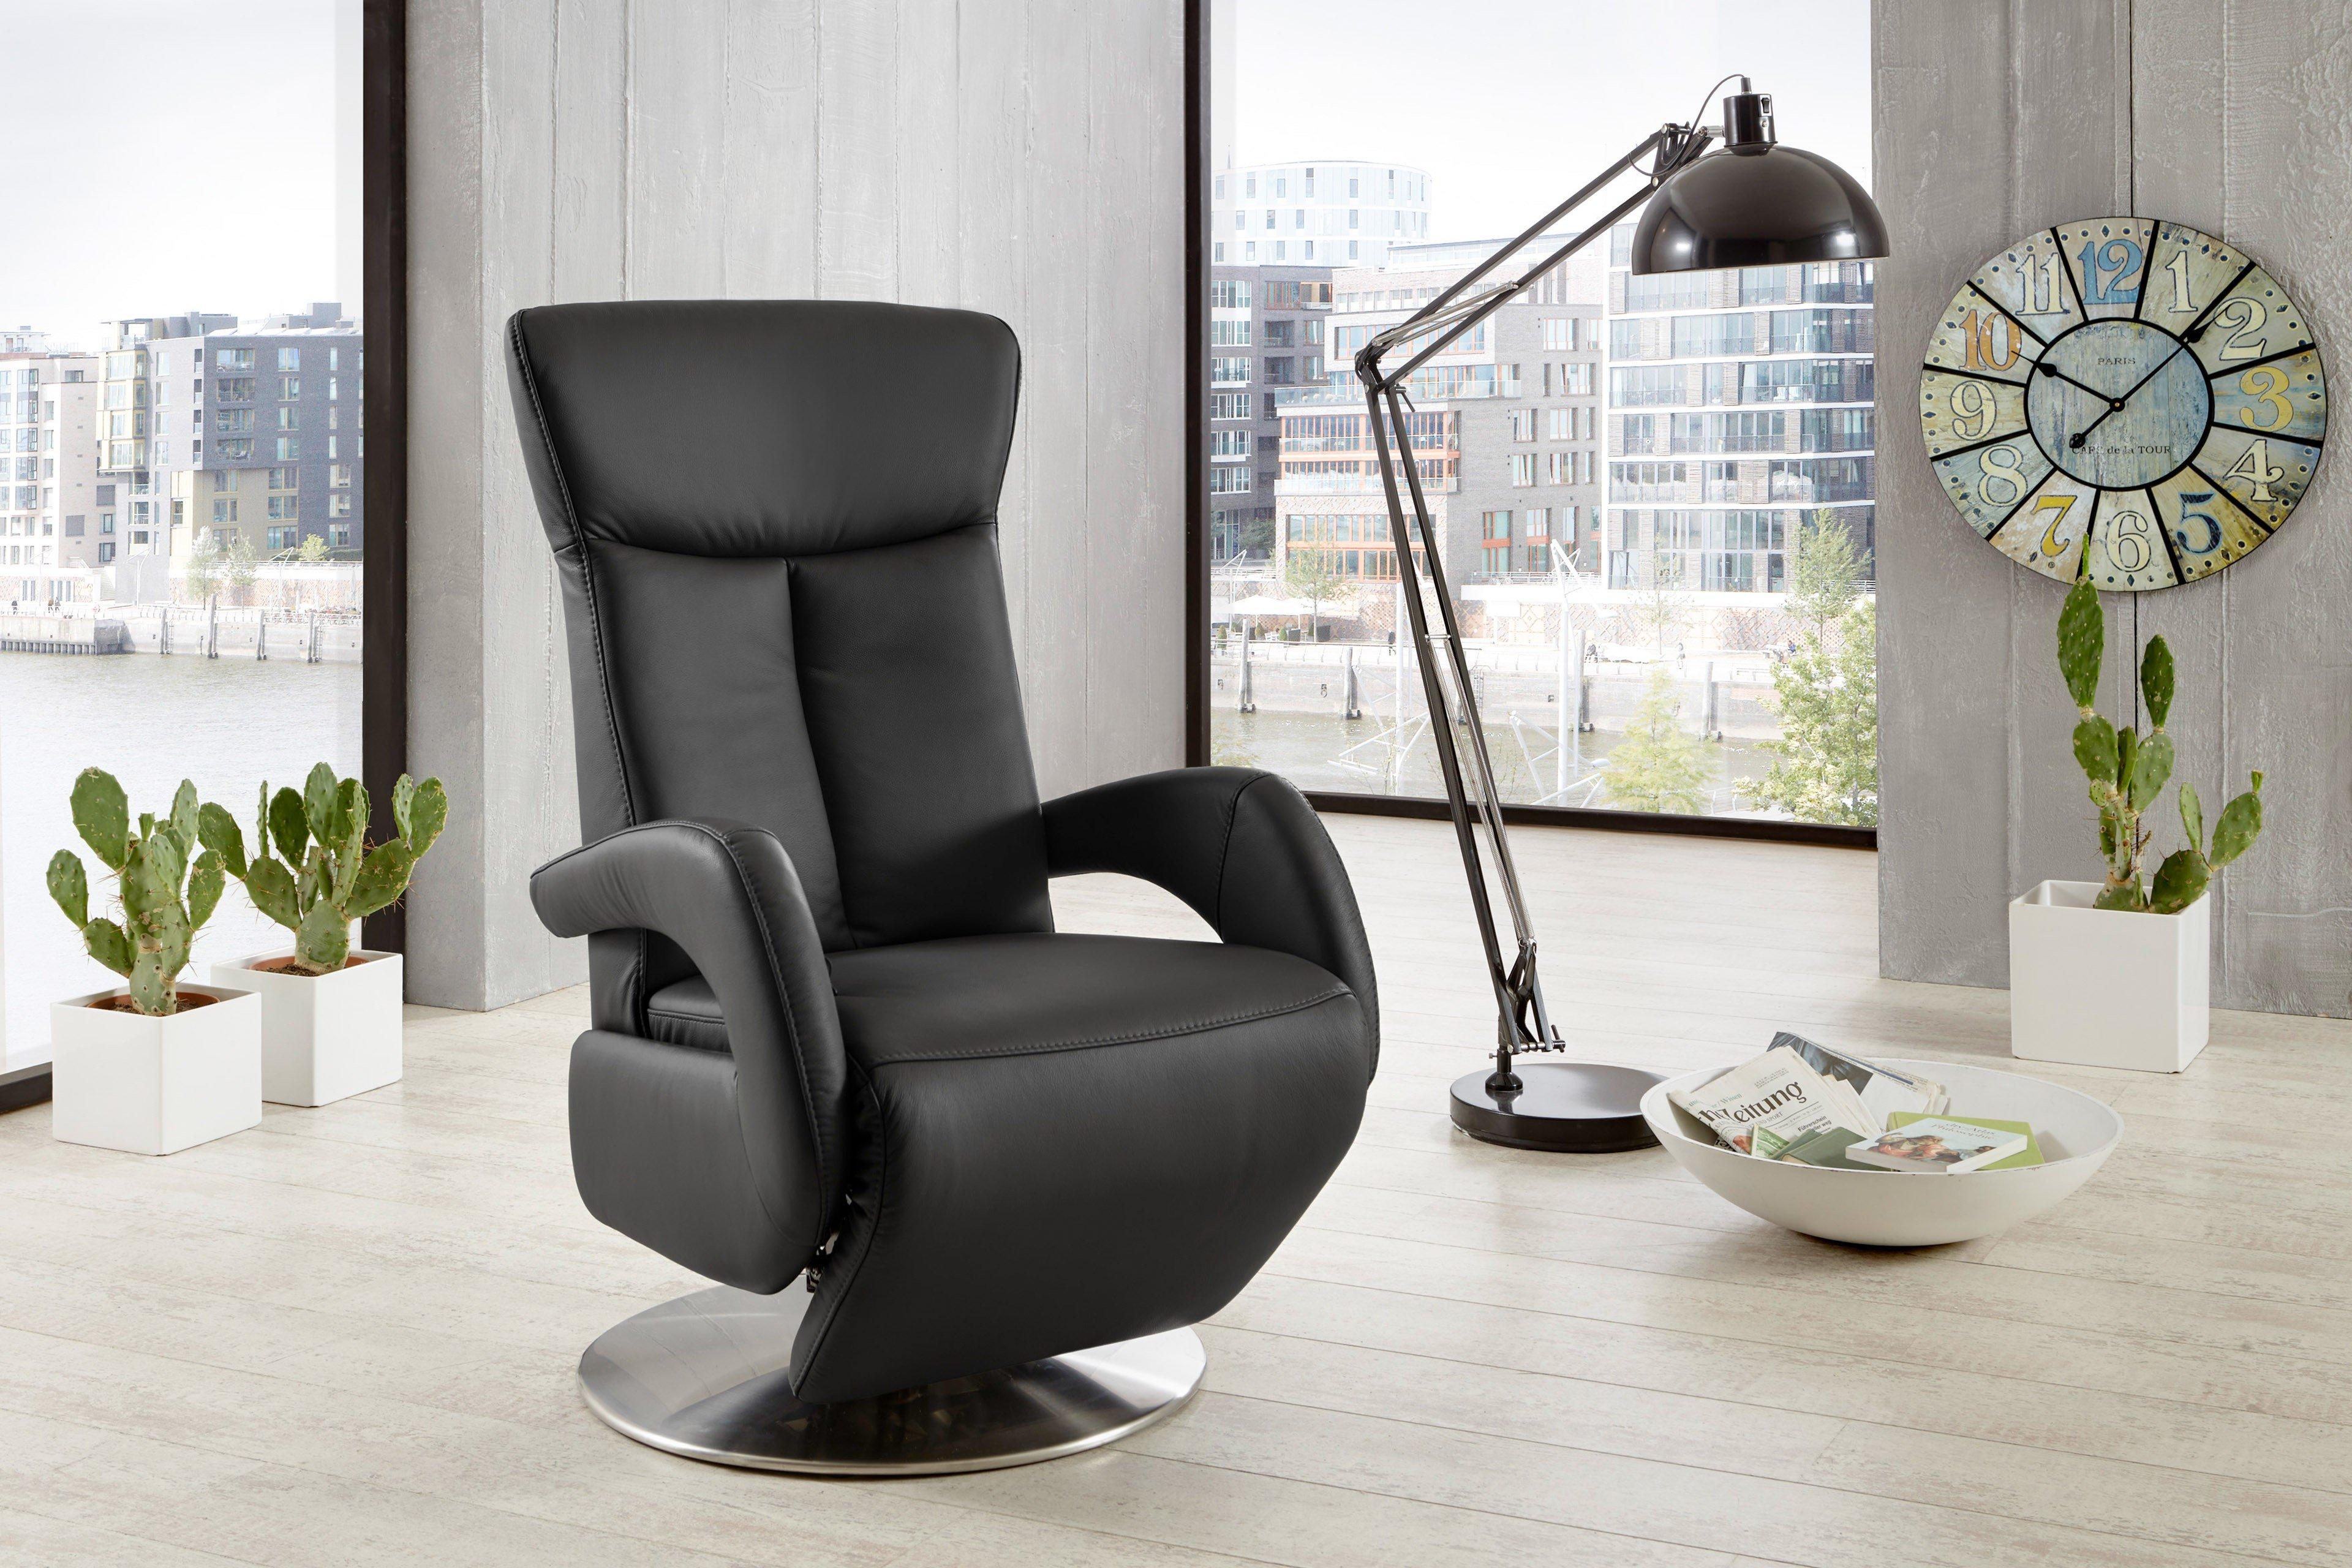 matrixx style von polsteria relaxsessel schwarz polsterm bel g nstig online kaufen sofa couch. Black Bedroom Furniture Sets. Home Design Ideas